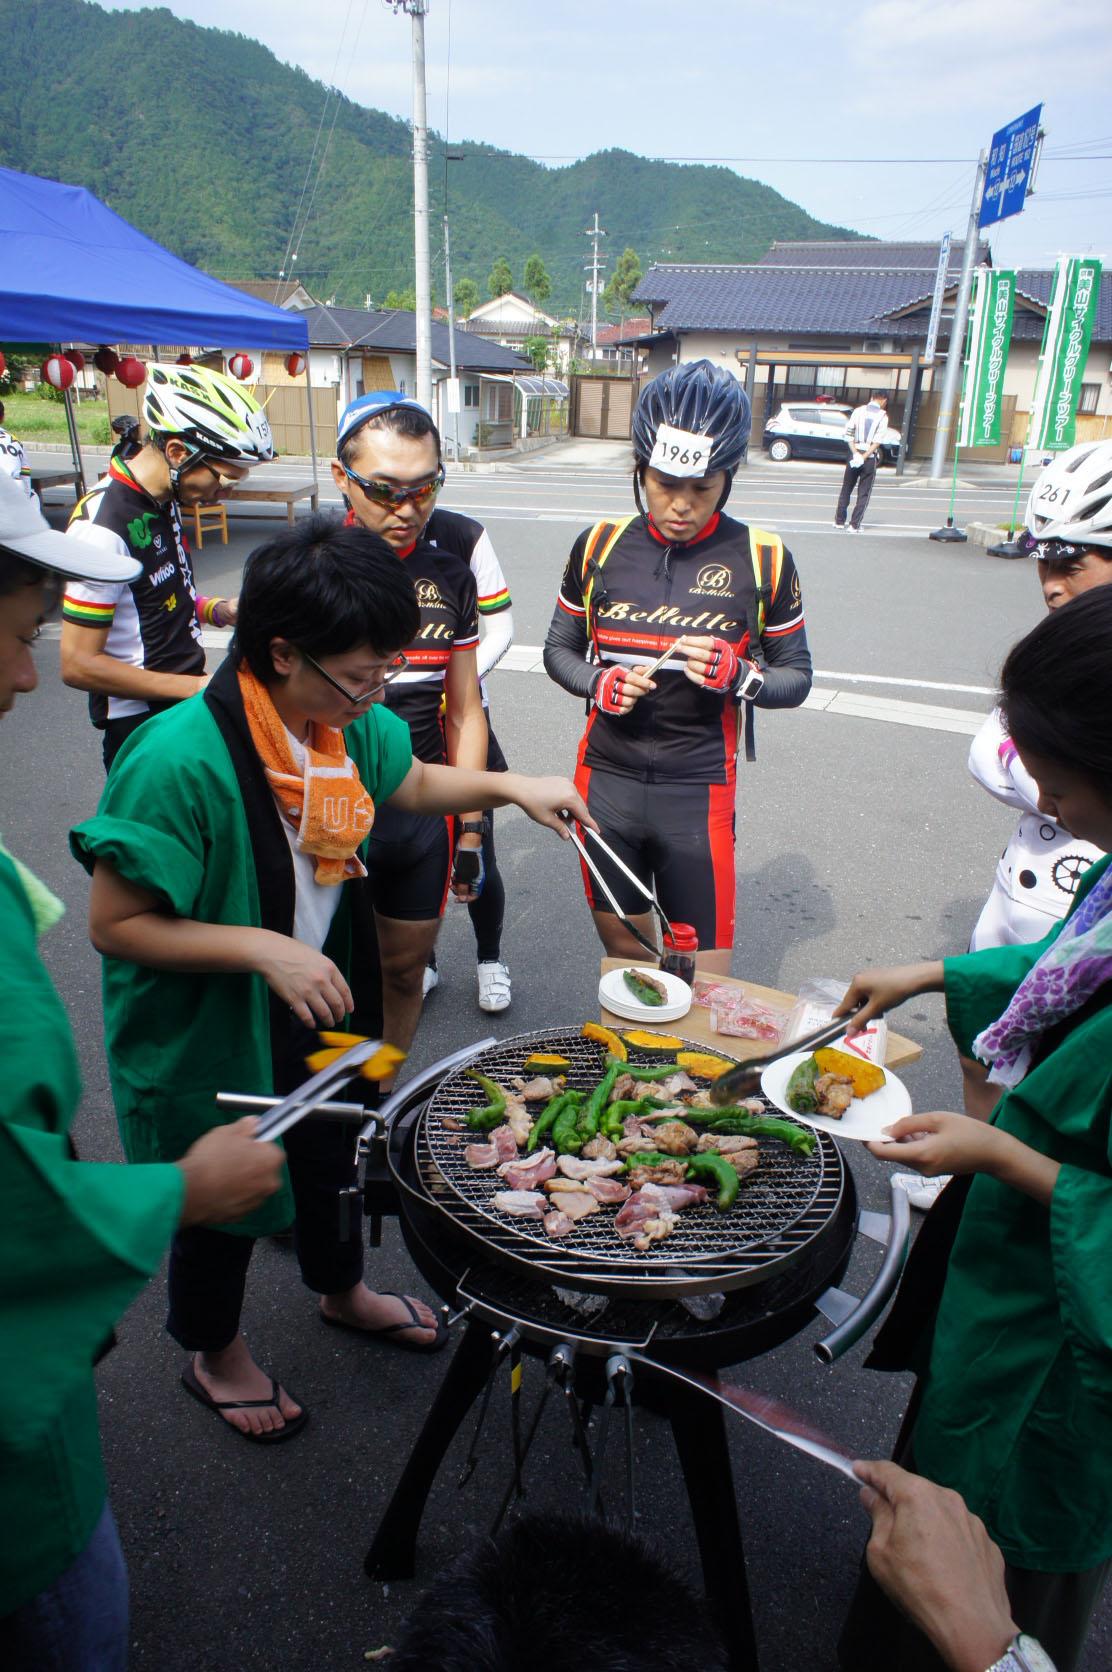 京都美山サイクルグリーンツアーみなさんと行ってきました!_d0182937_12215263.jpg